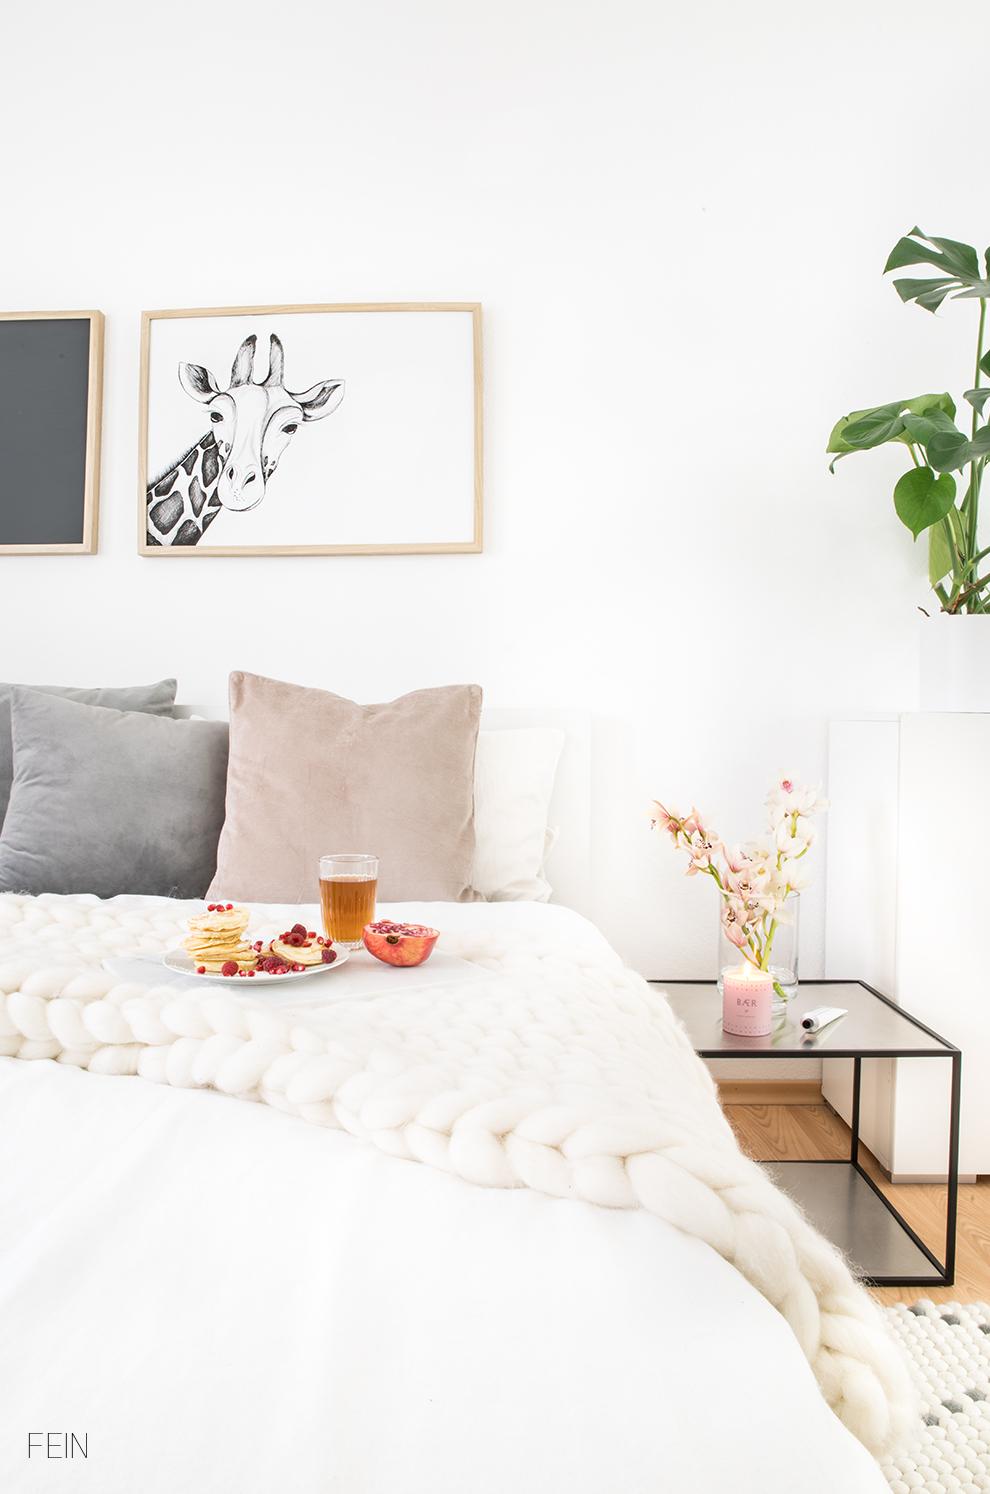 Sanfte farben skandinavisch wohnen fein und fabelhaft for Skandinavisch wohnen